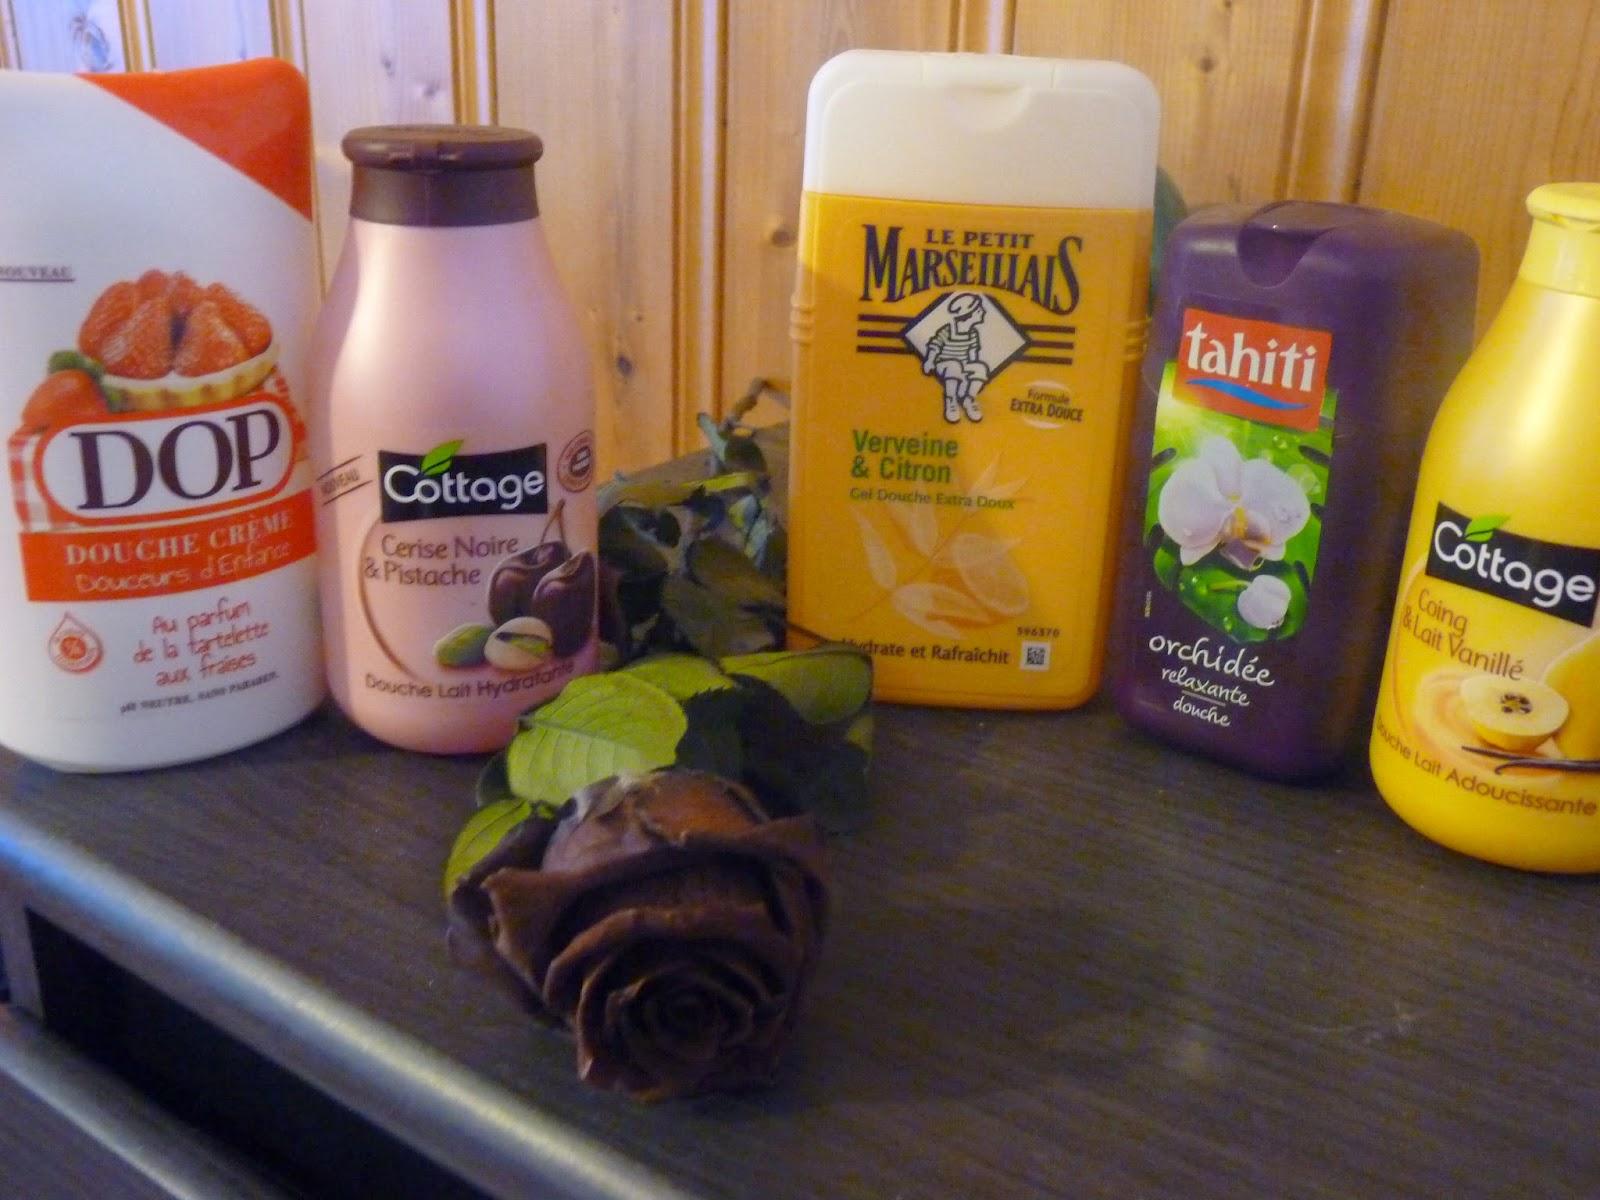 gel douche, DOP, douche crème, tartelette fraise, cottage, cerise noire pistache, le petit marseillais, verveine citron, tahiti, orchidée, cottage, lait vanillé coing,